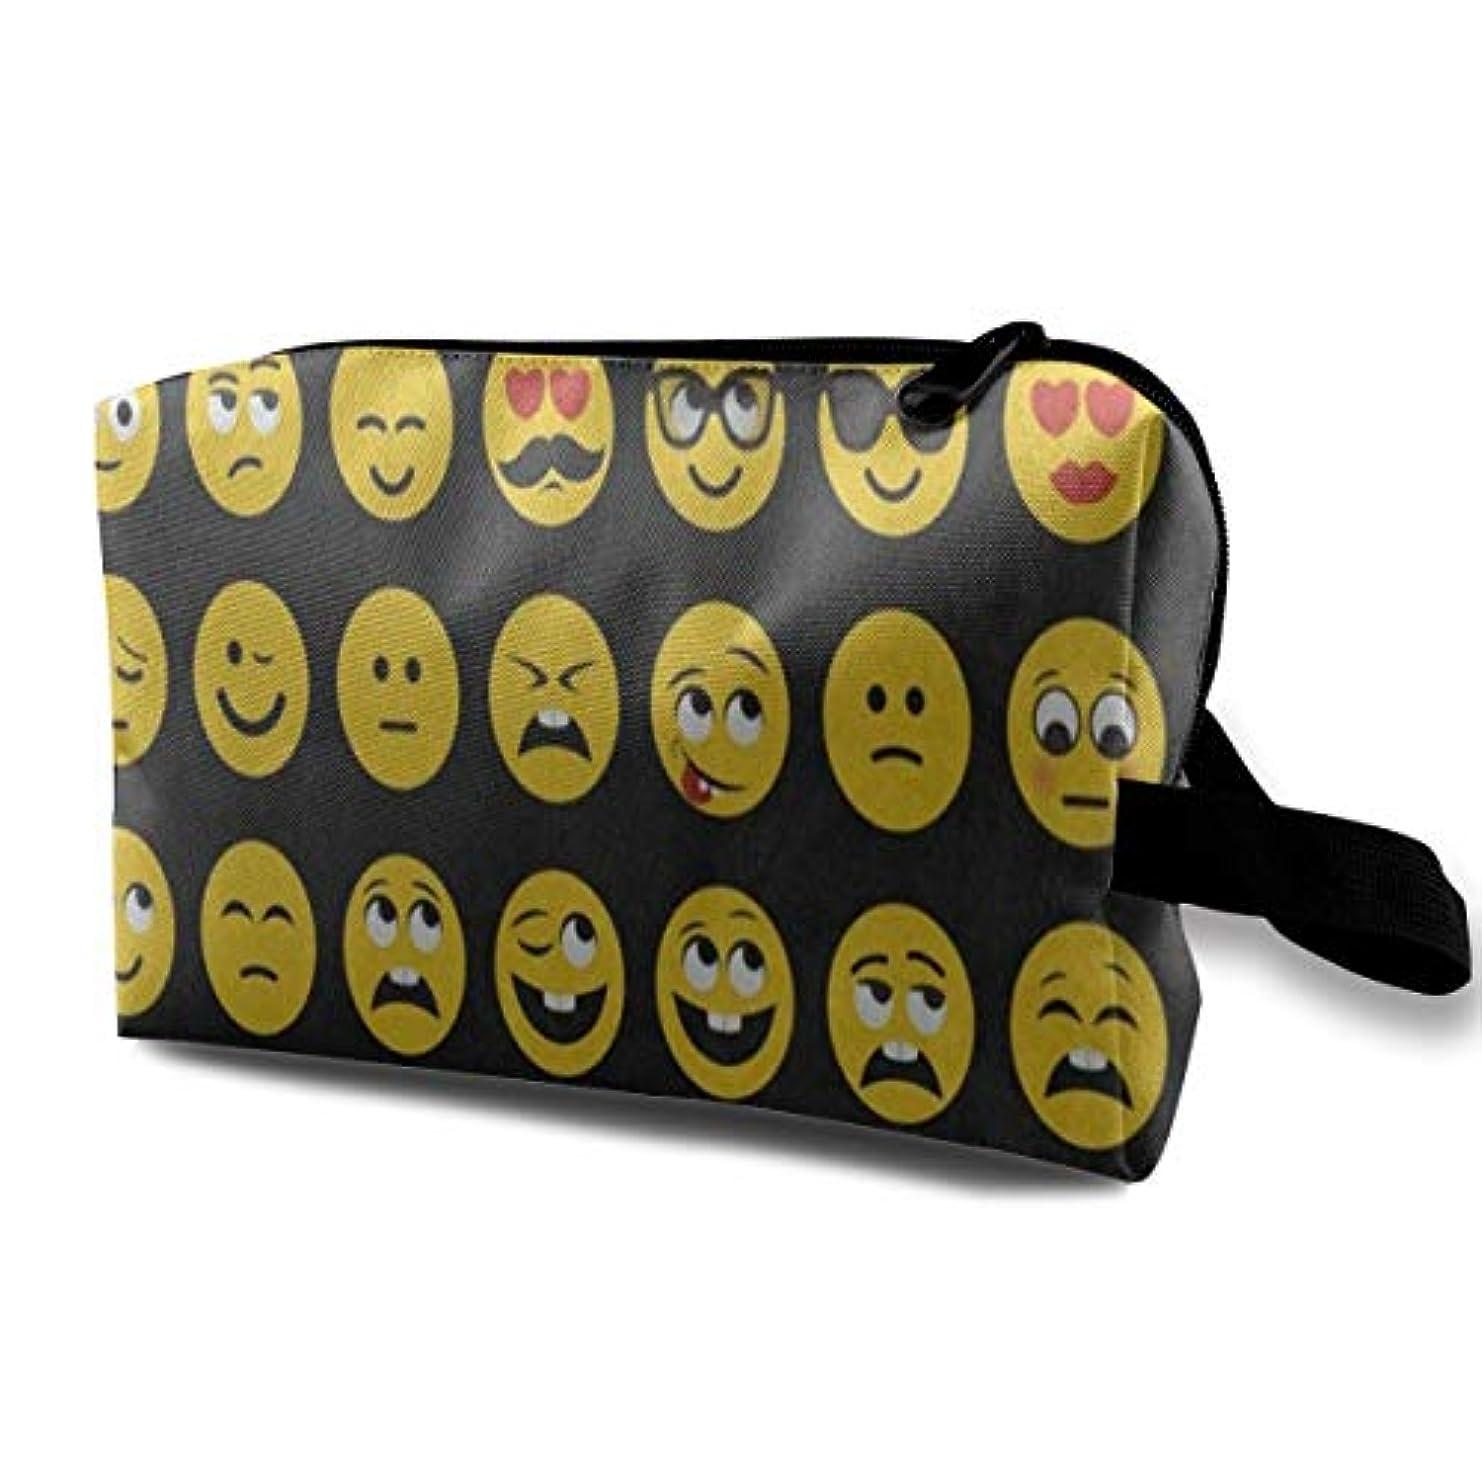 容量パケットクロール面白い笑顔 ポーチ 旅行 化粧ポーチ 防水 収納ポーチ コスメポーチ 軽量 トラベルポーチ25cm×16cm×12cm